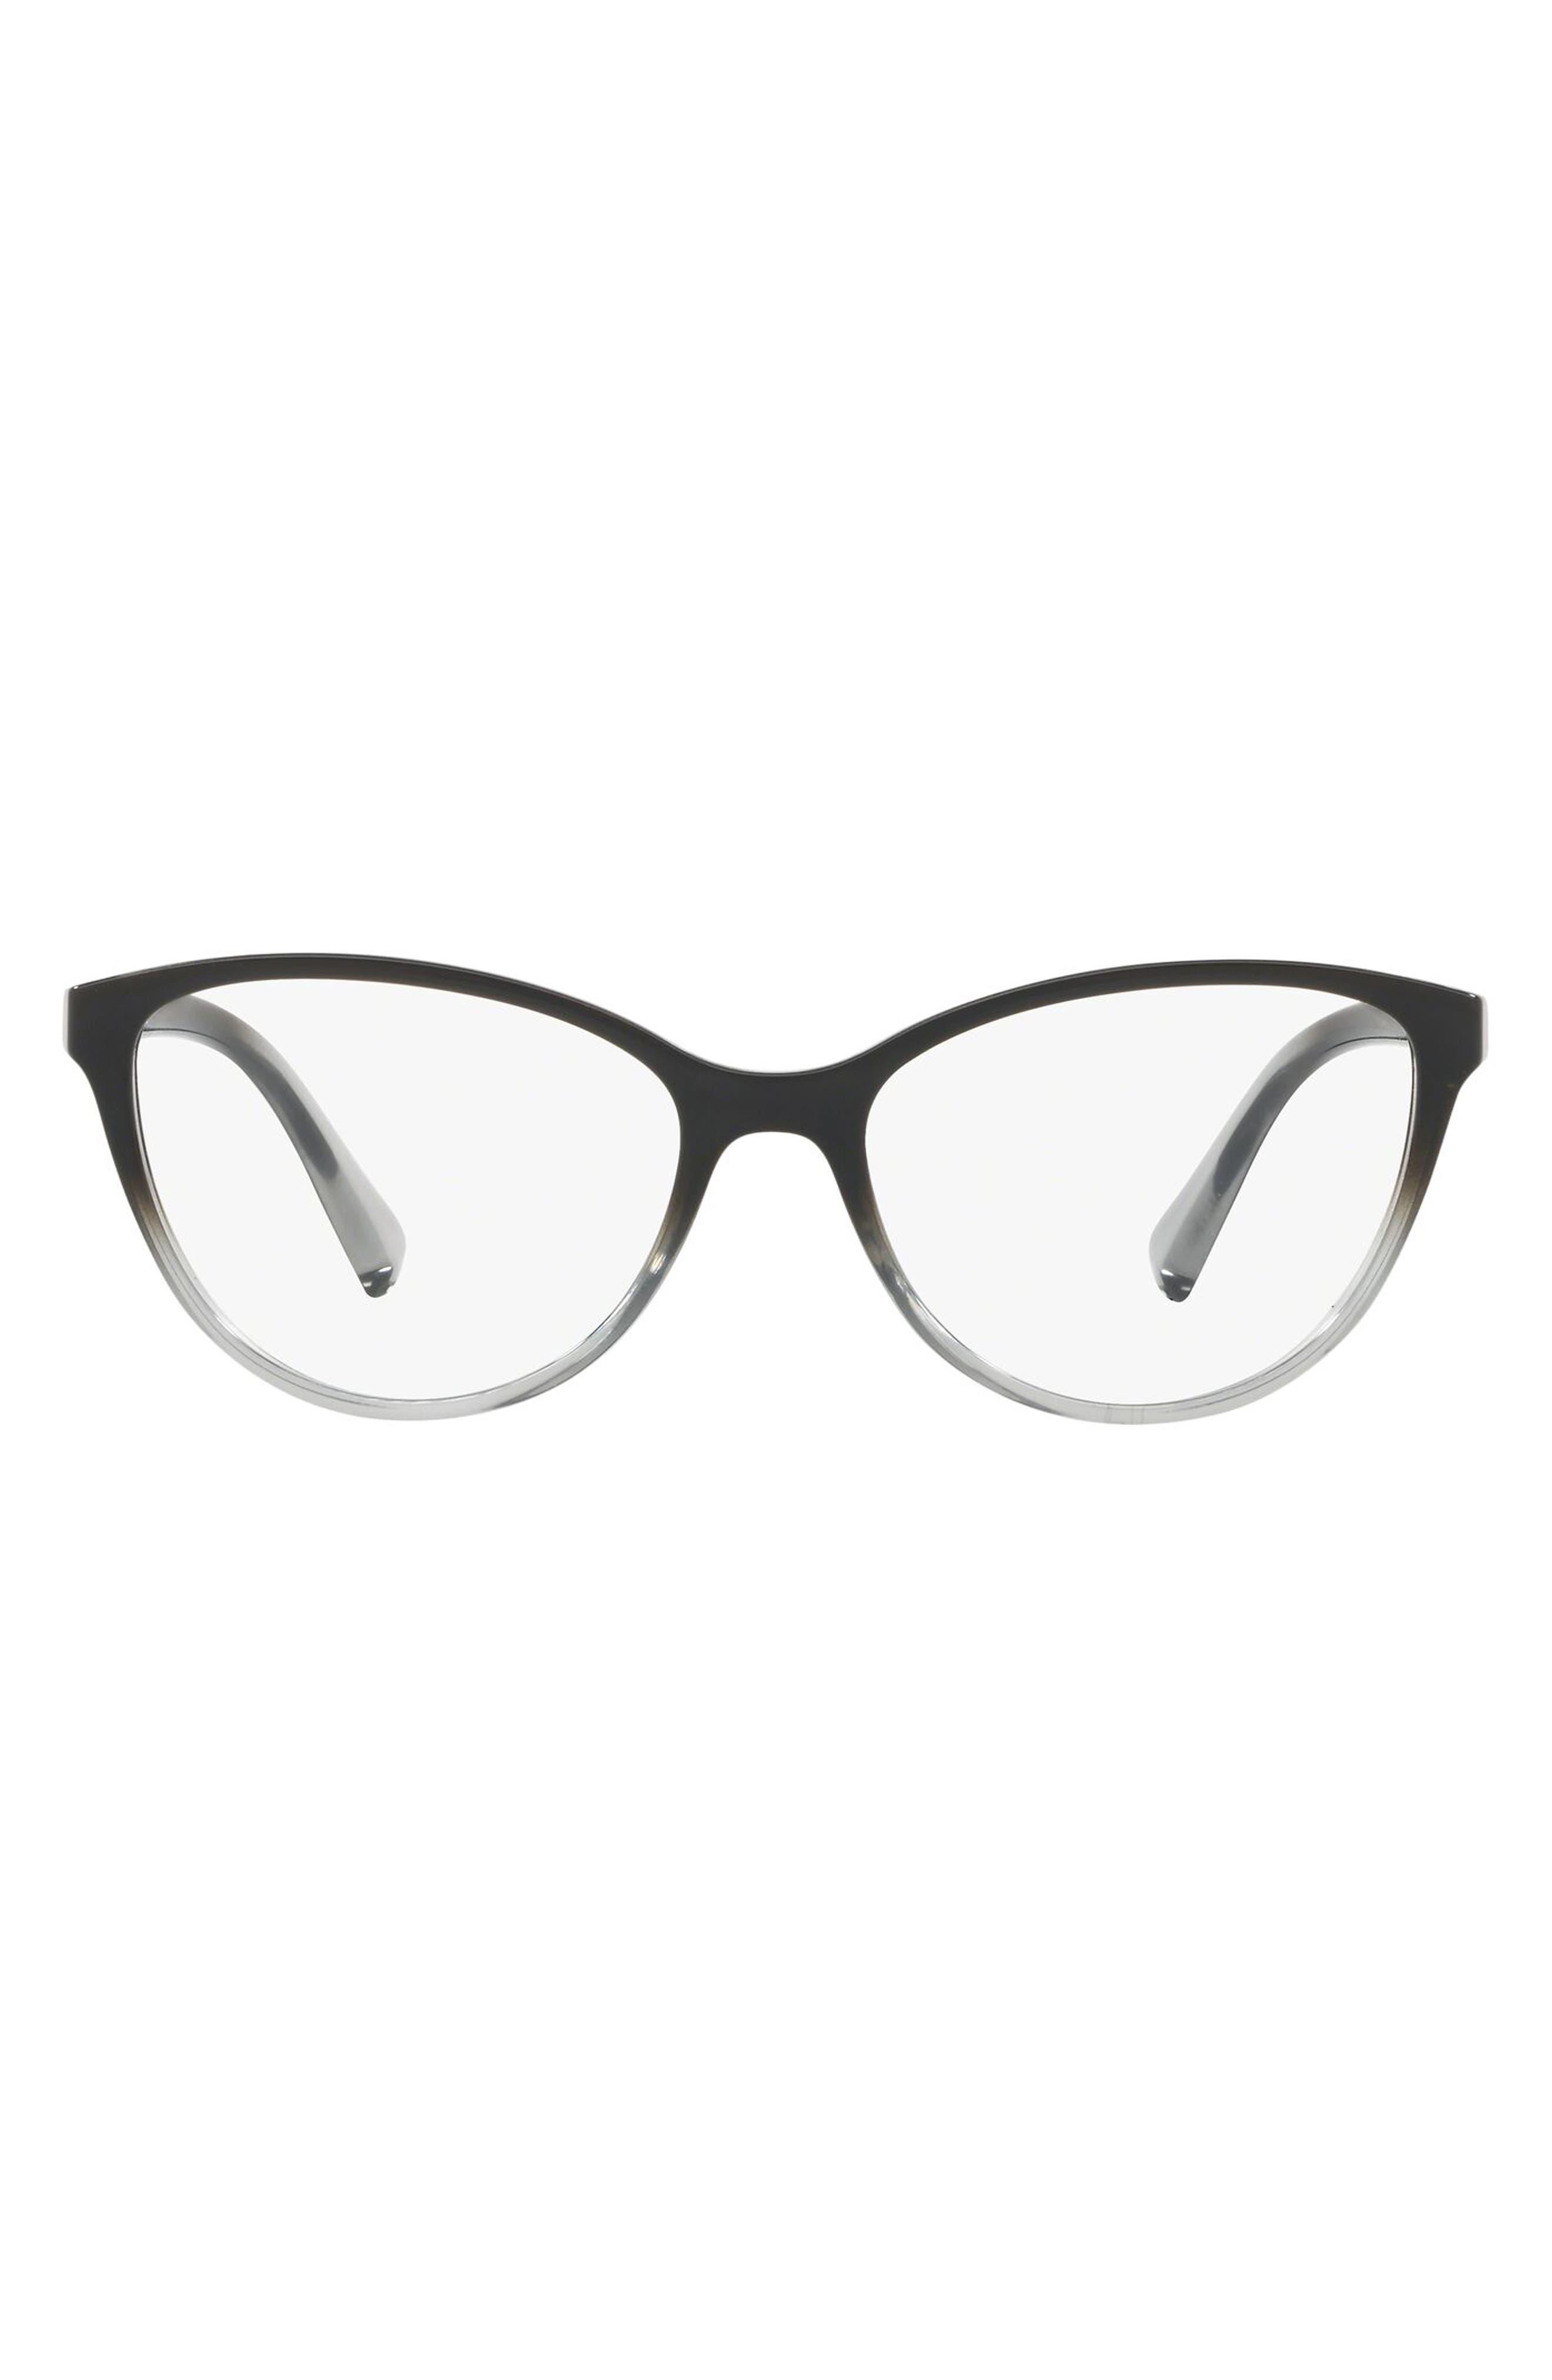 53mm Cat Eye Reading Glasses